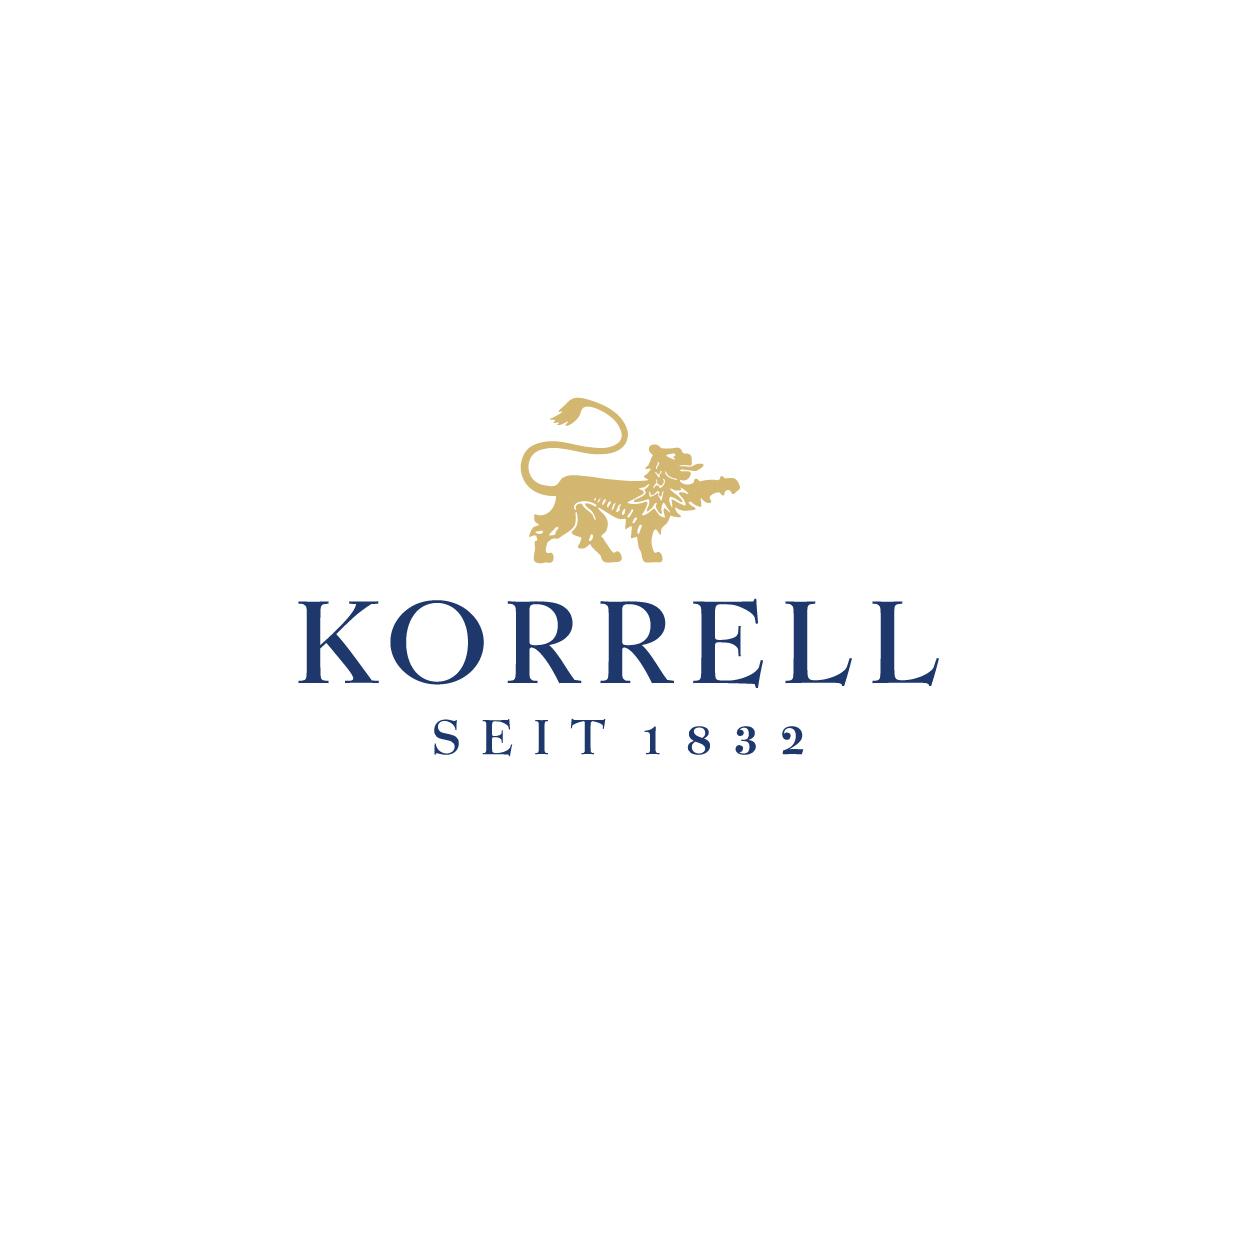 Logo_Korrell_Zeichenfläche 1.jpg